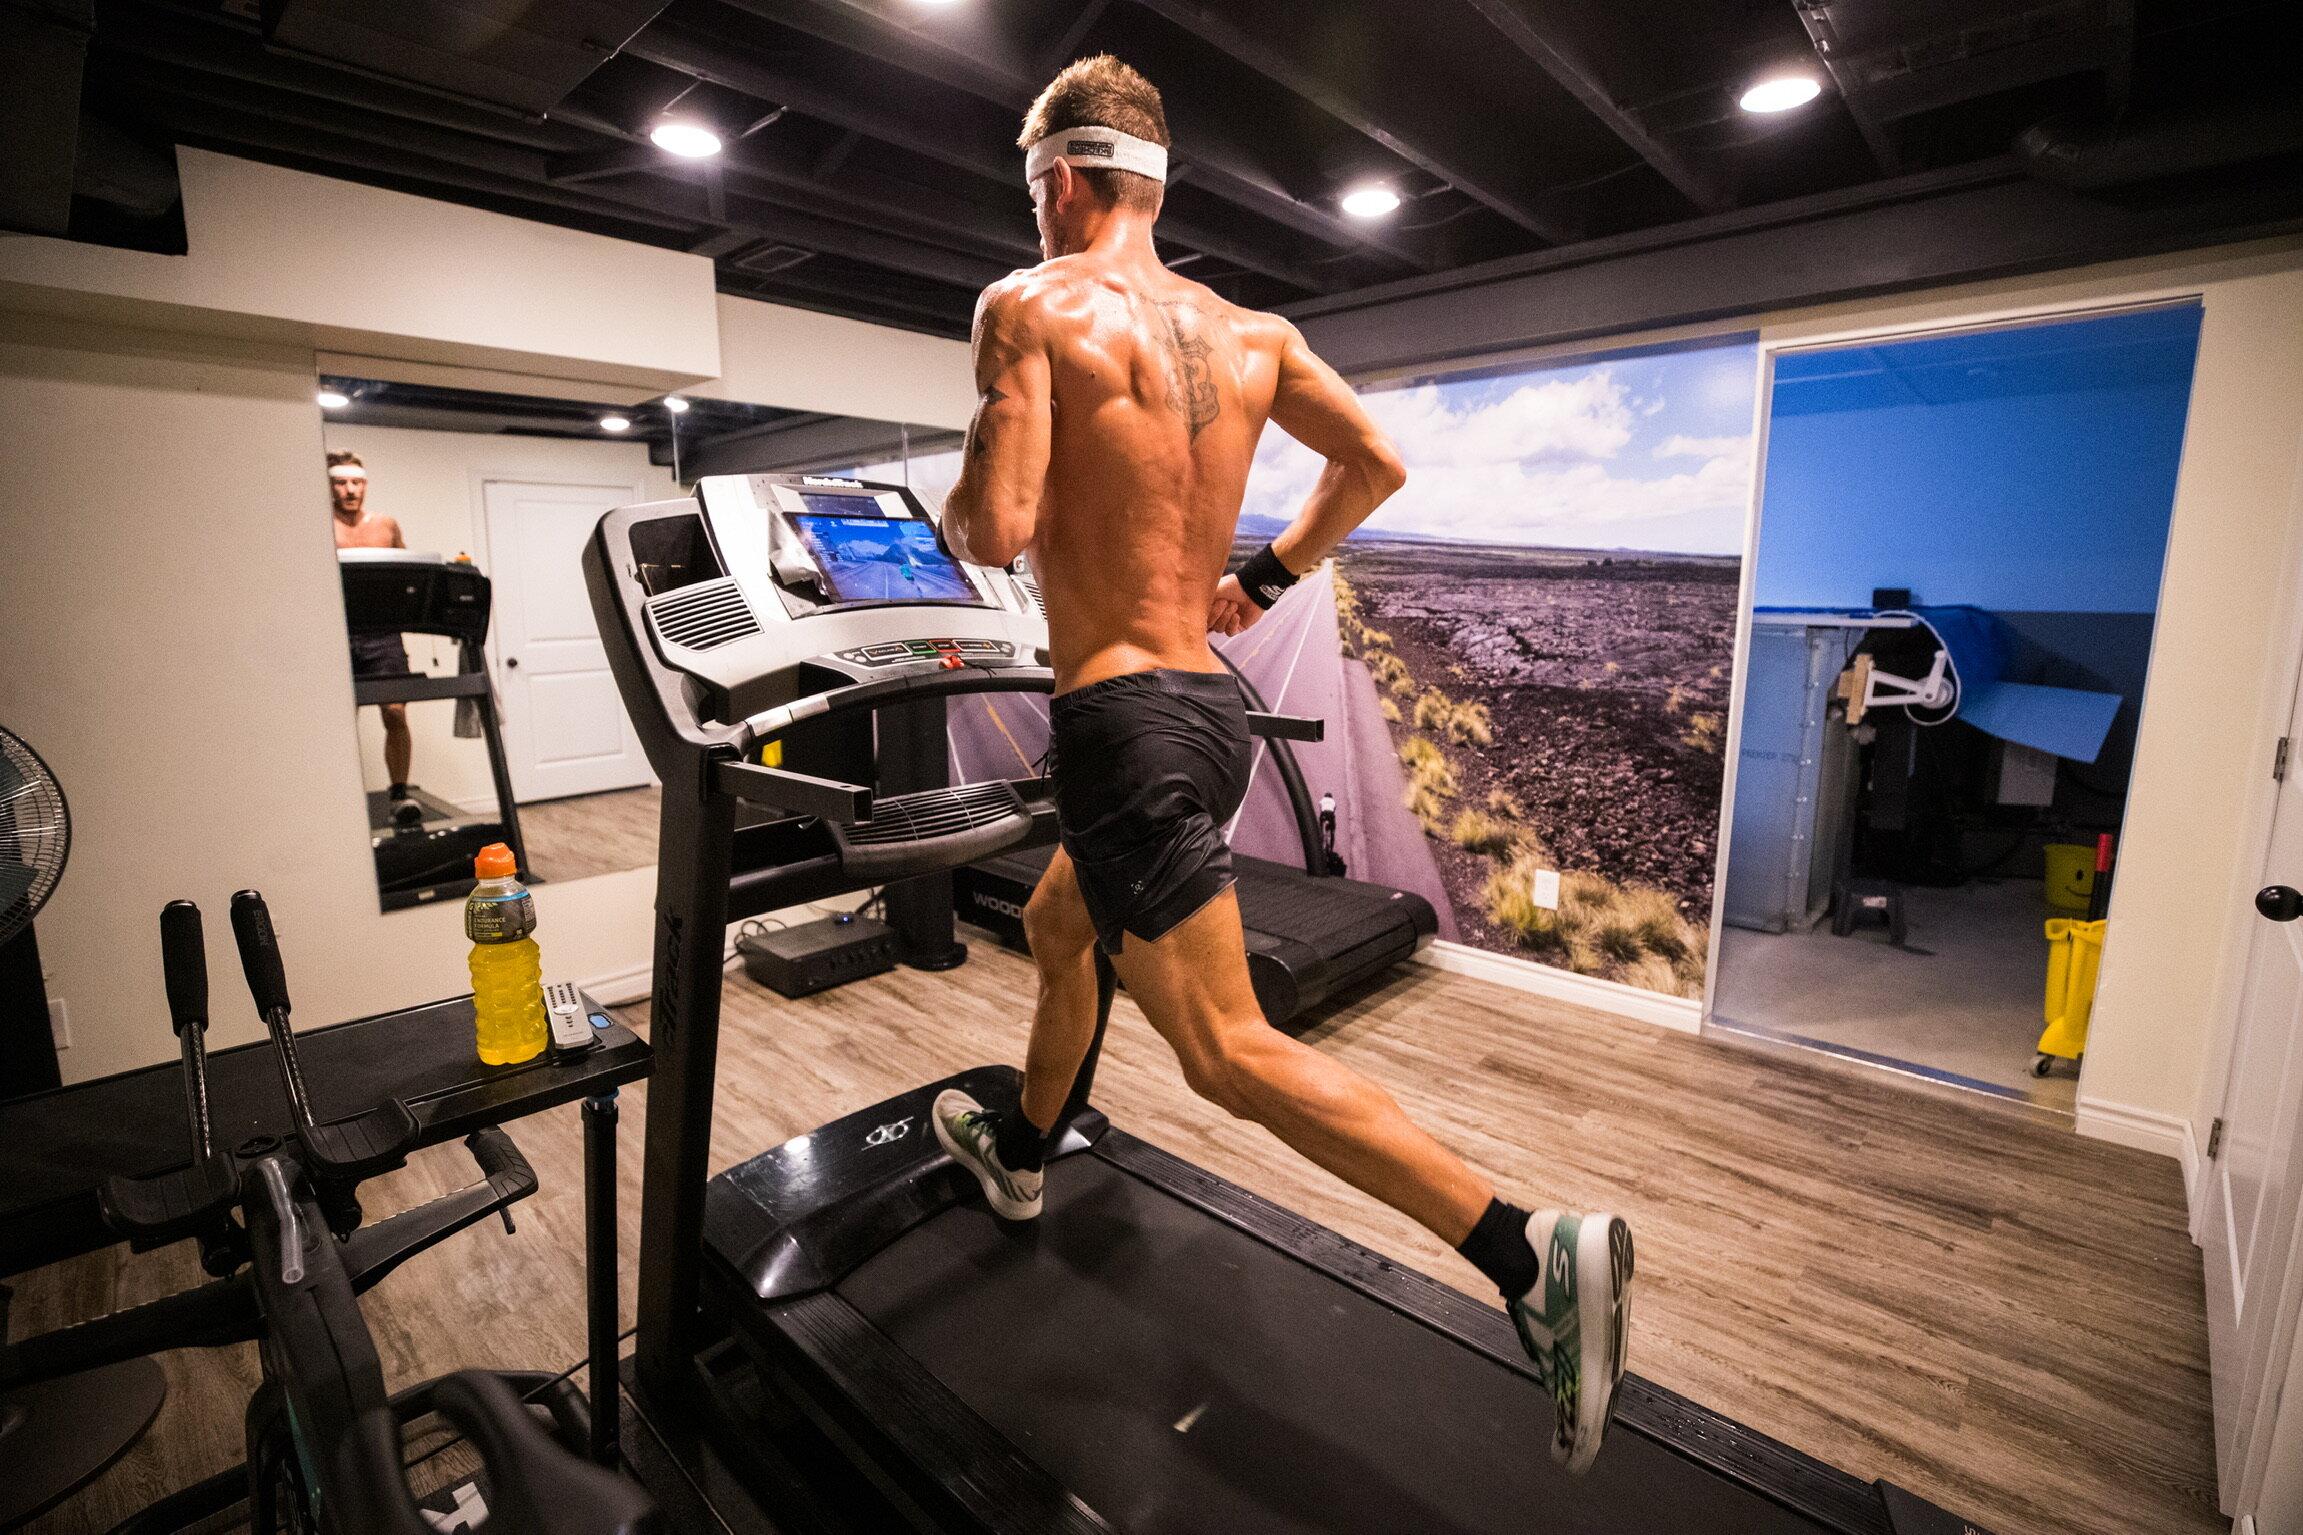 entrainement-triathlon-en-salle